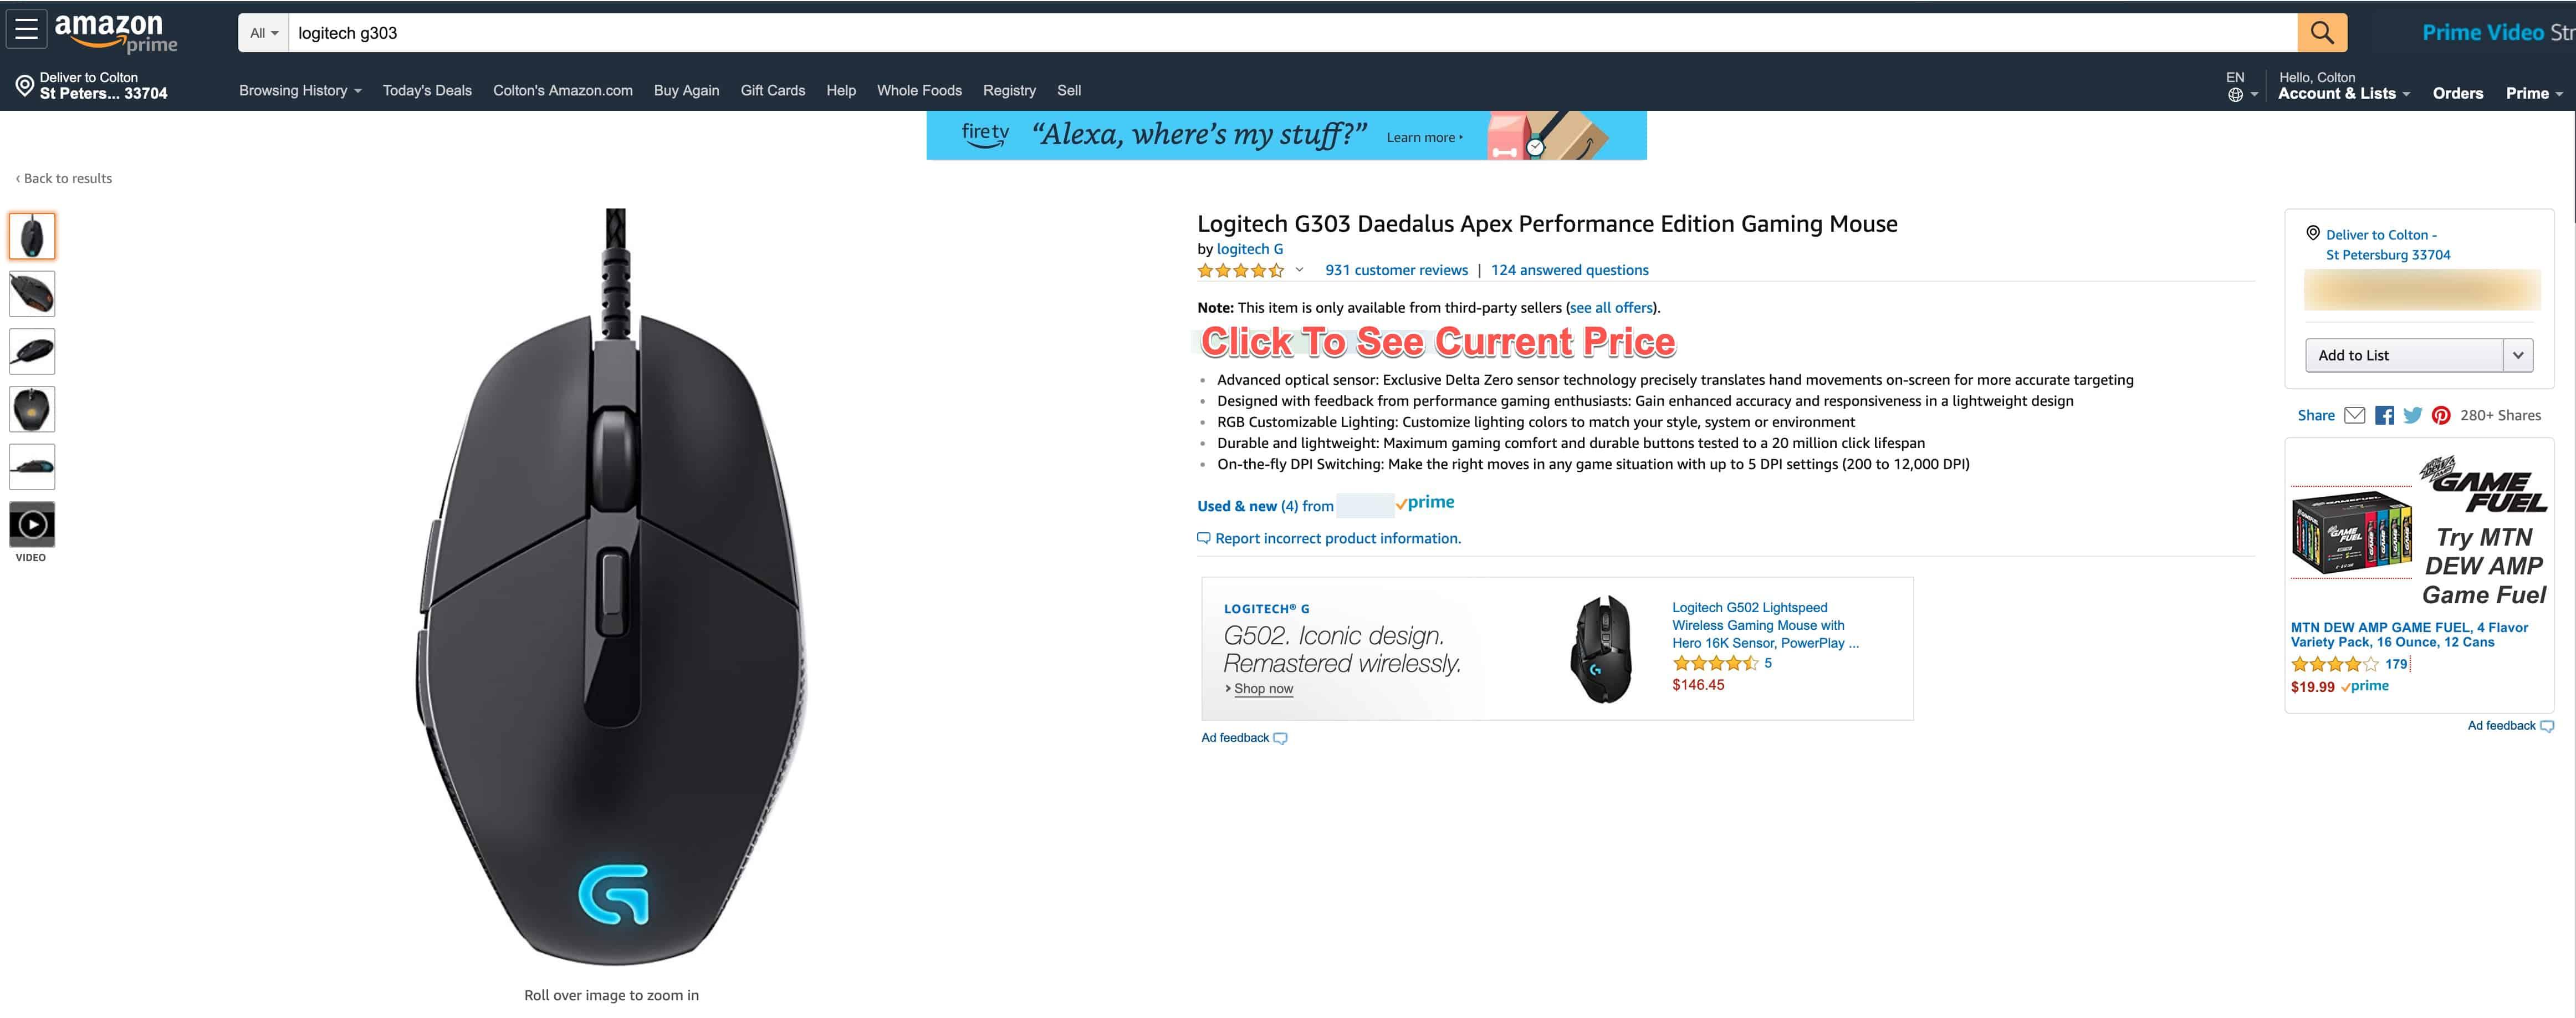 Logitech G303 Amazon